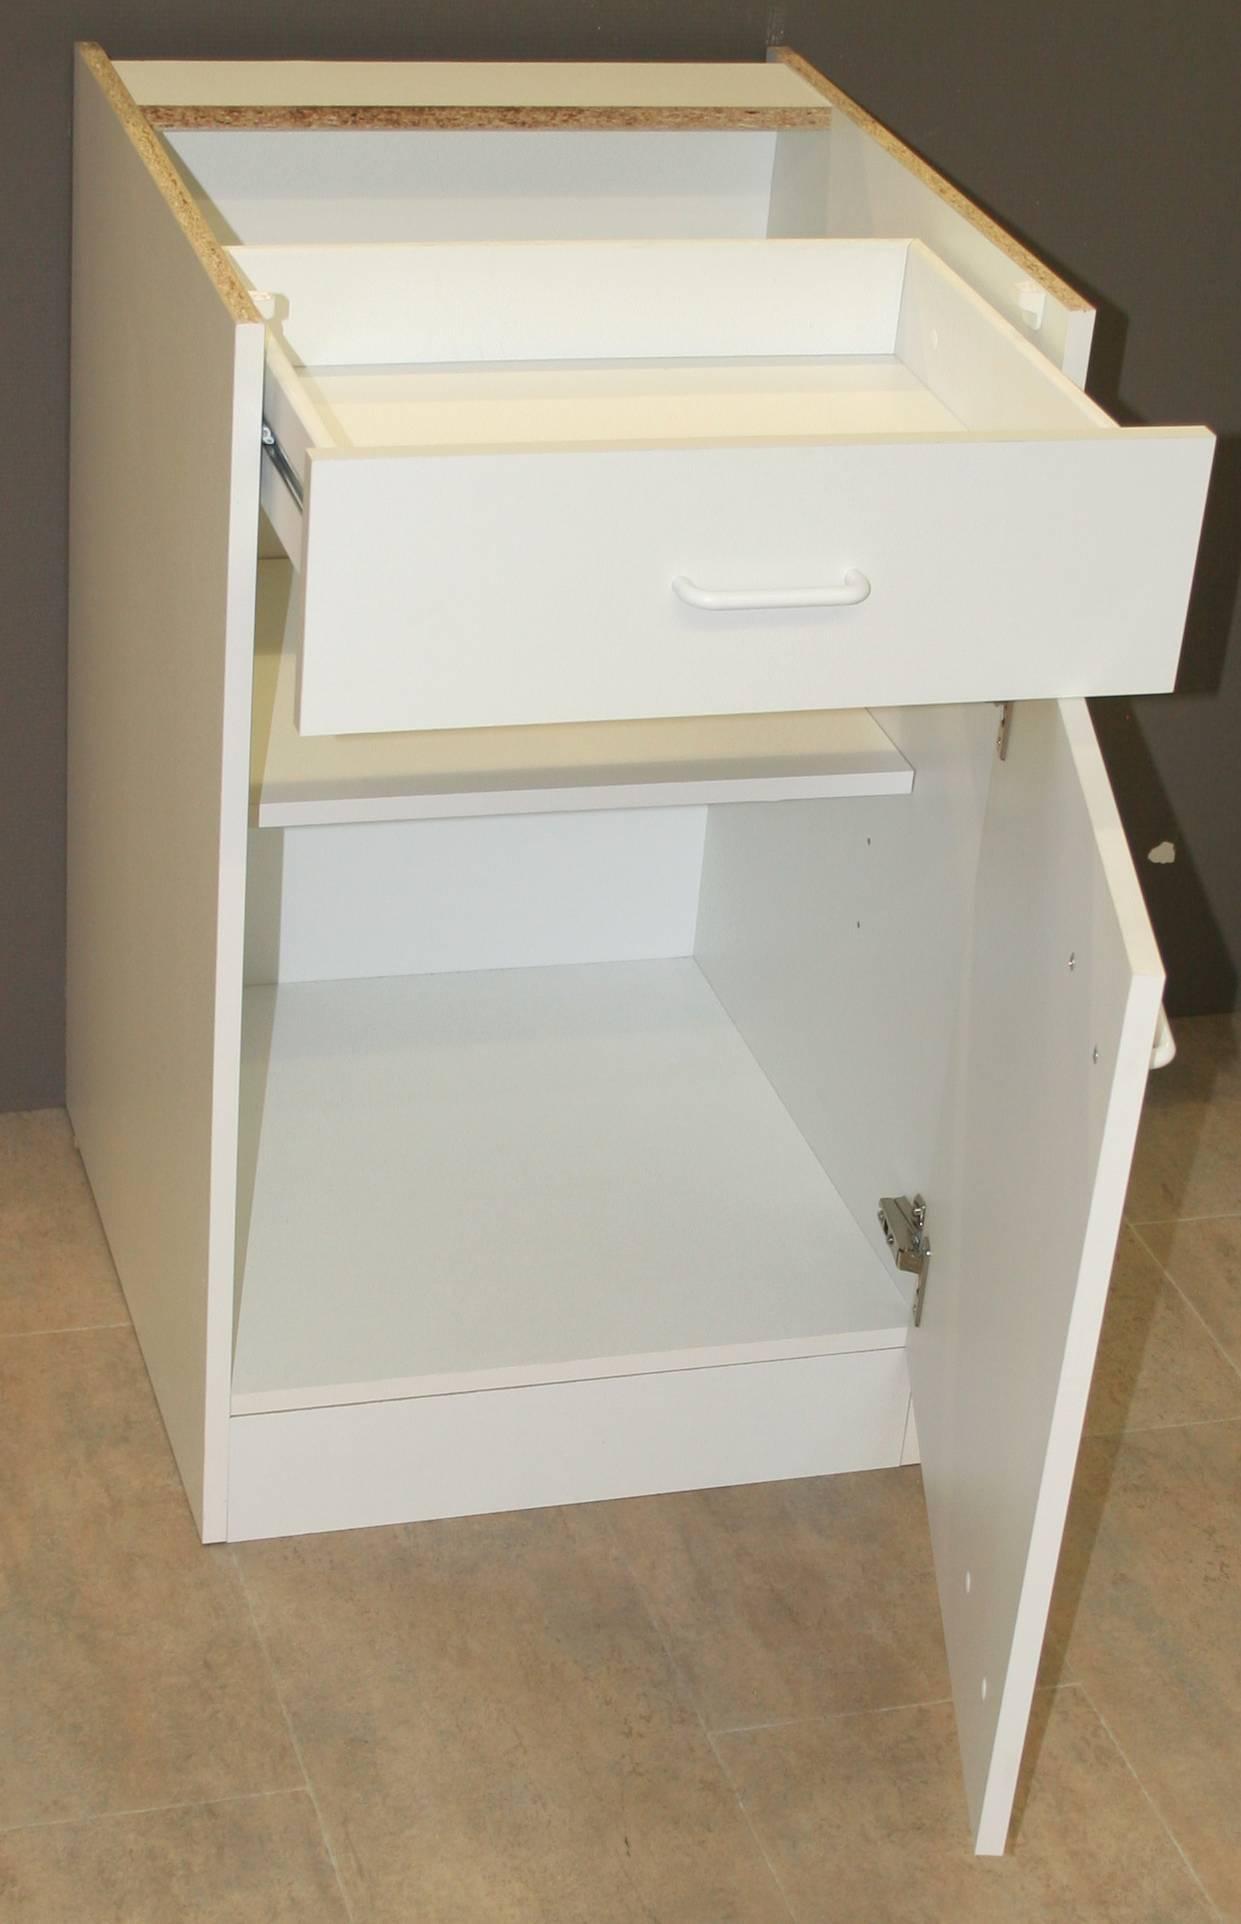 sprint bayern unterschrank 60 cm breit uo606 wei 82 cm hoch restposten ebay. Black Bedroom Furniture Sets. Home Design Ideas